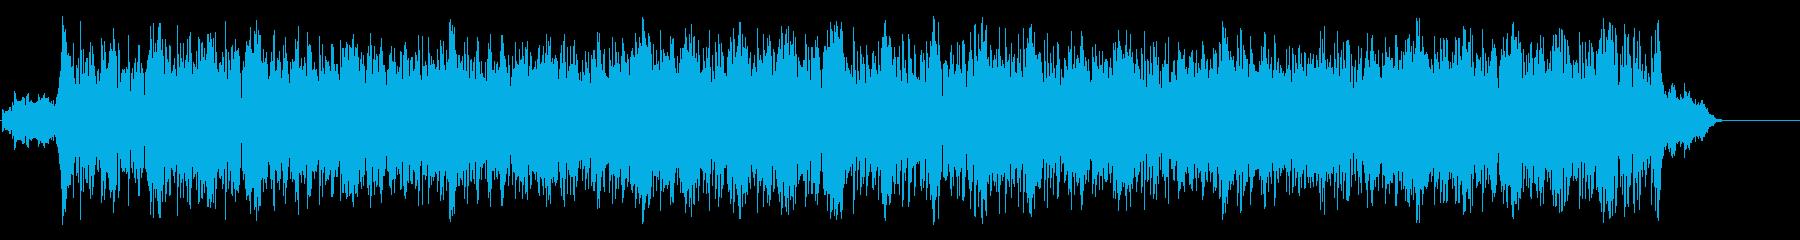 熱い鼓動が伝わるポップ/マイナーの再生済みの波形